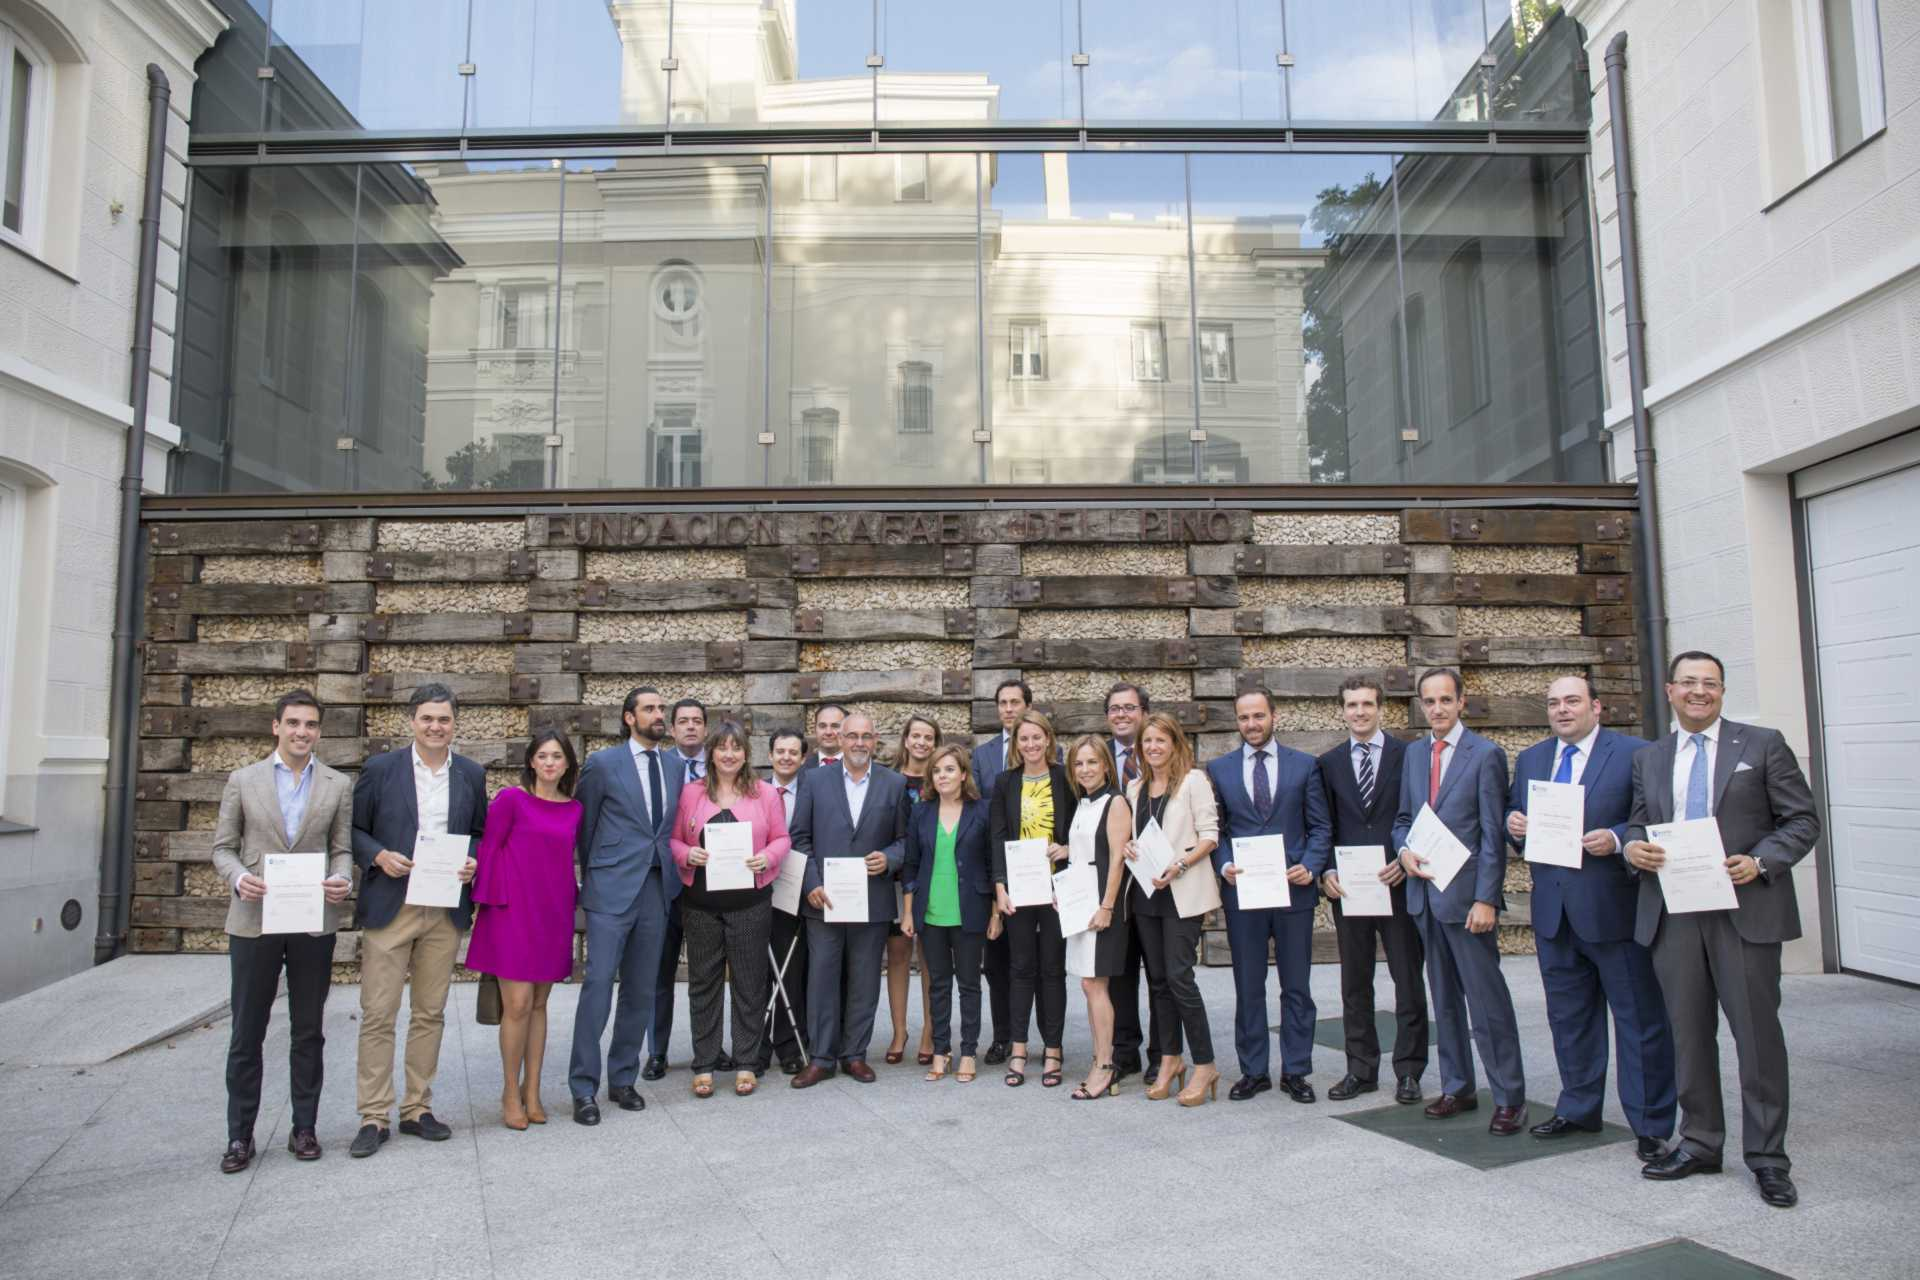 La Fundación Rafael del Pino junto a la universidad de Deusto organizan el Programa de Liderazgo Público Emprendimiento e Innovación (PLPE) en Madrid el 01 de julio de 2014. DSG